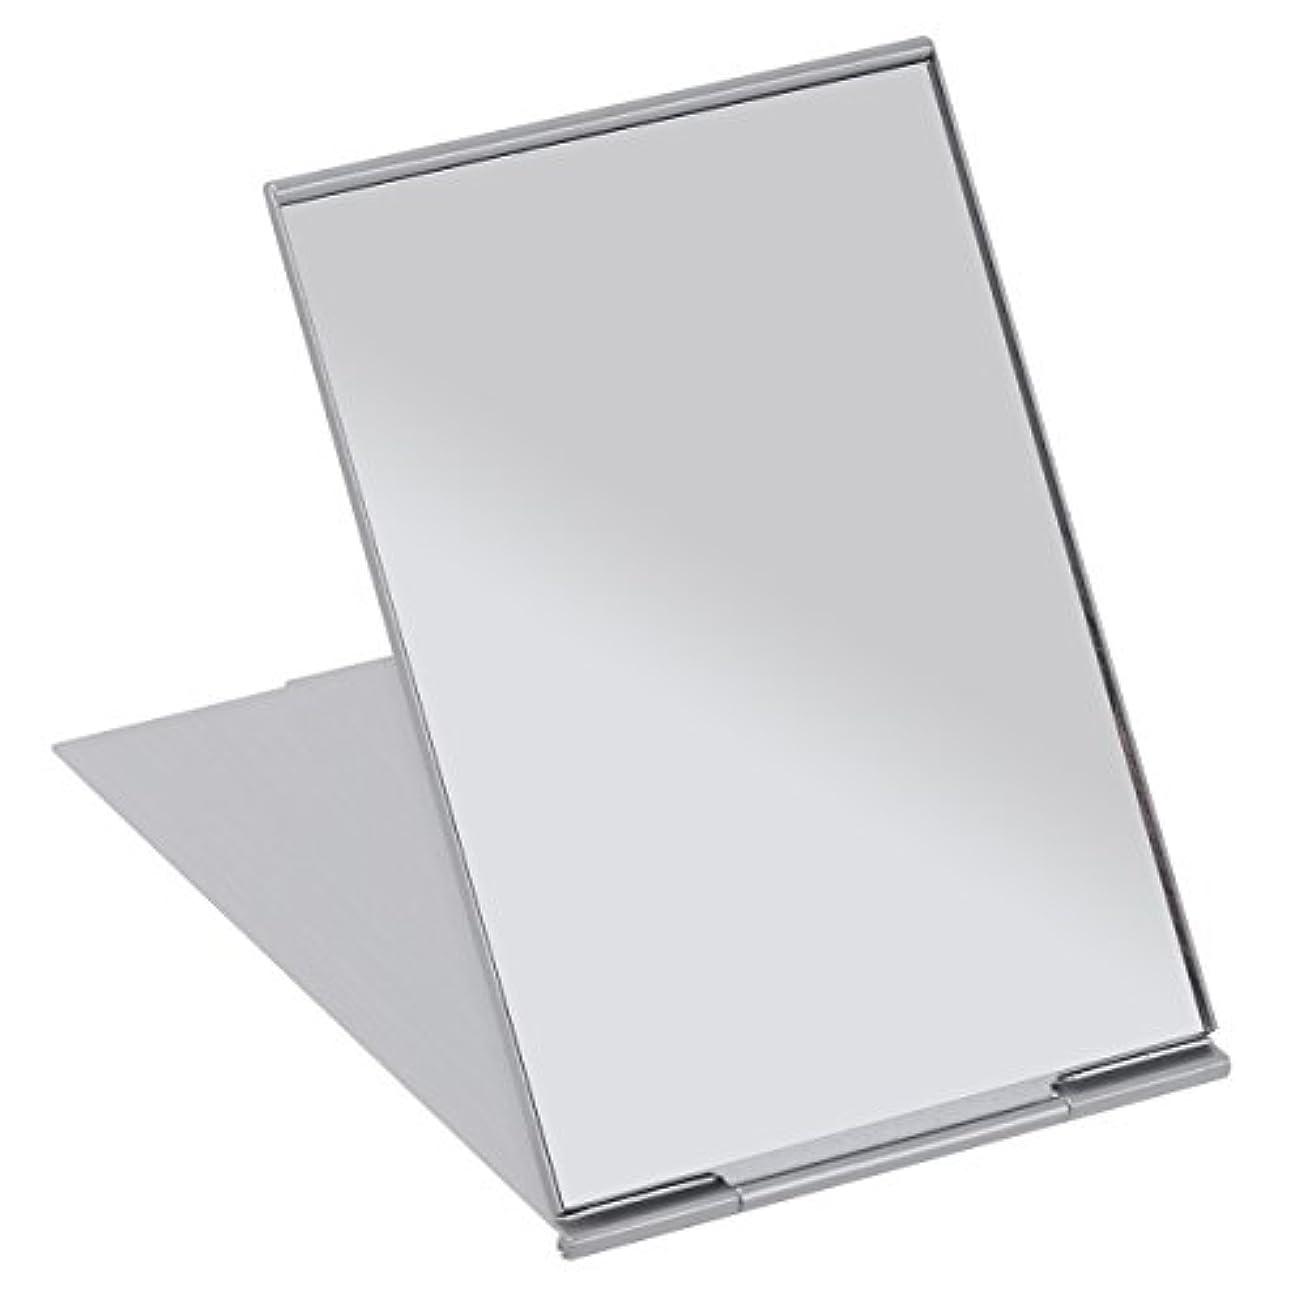 空港亜熱帯窓を洗うFRCOLOR 化粧鏡 携帯ミラー 折りたたみミラー 化粧ミラー コンパクトミラー 11.5*8cm 持ち運びに便利 (シルバー)